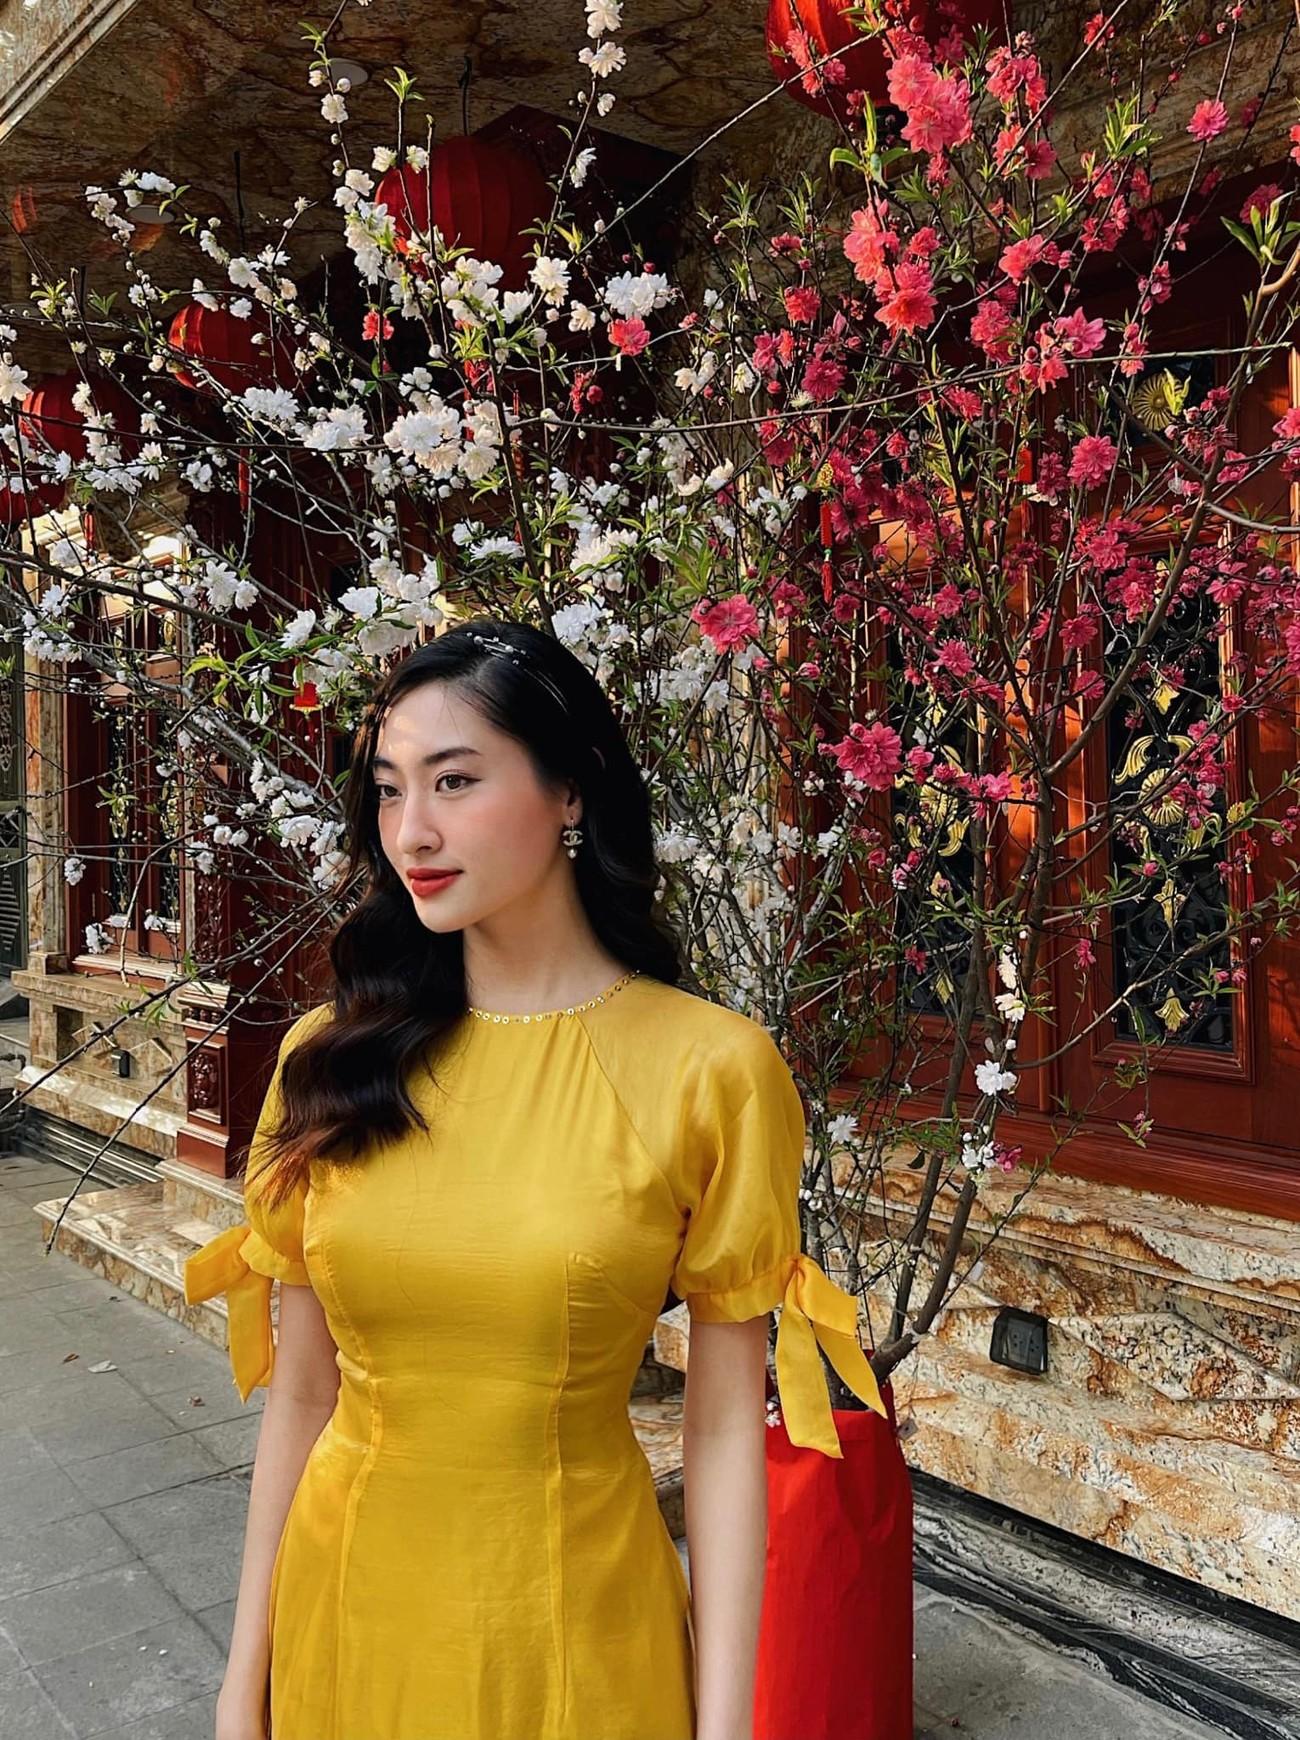 Hoa hậu Tiểu Vy khoe ảnh mẹ diện áo dài ngày mùng 1 Tết, fans trầm trồ vì nhan sắc trẻ đẹp ảnh 14